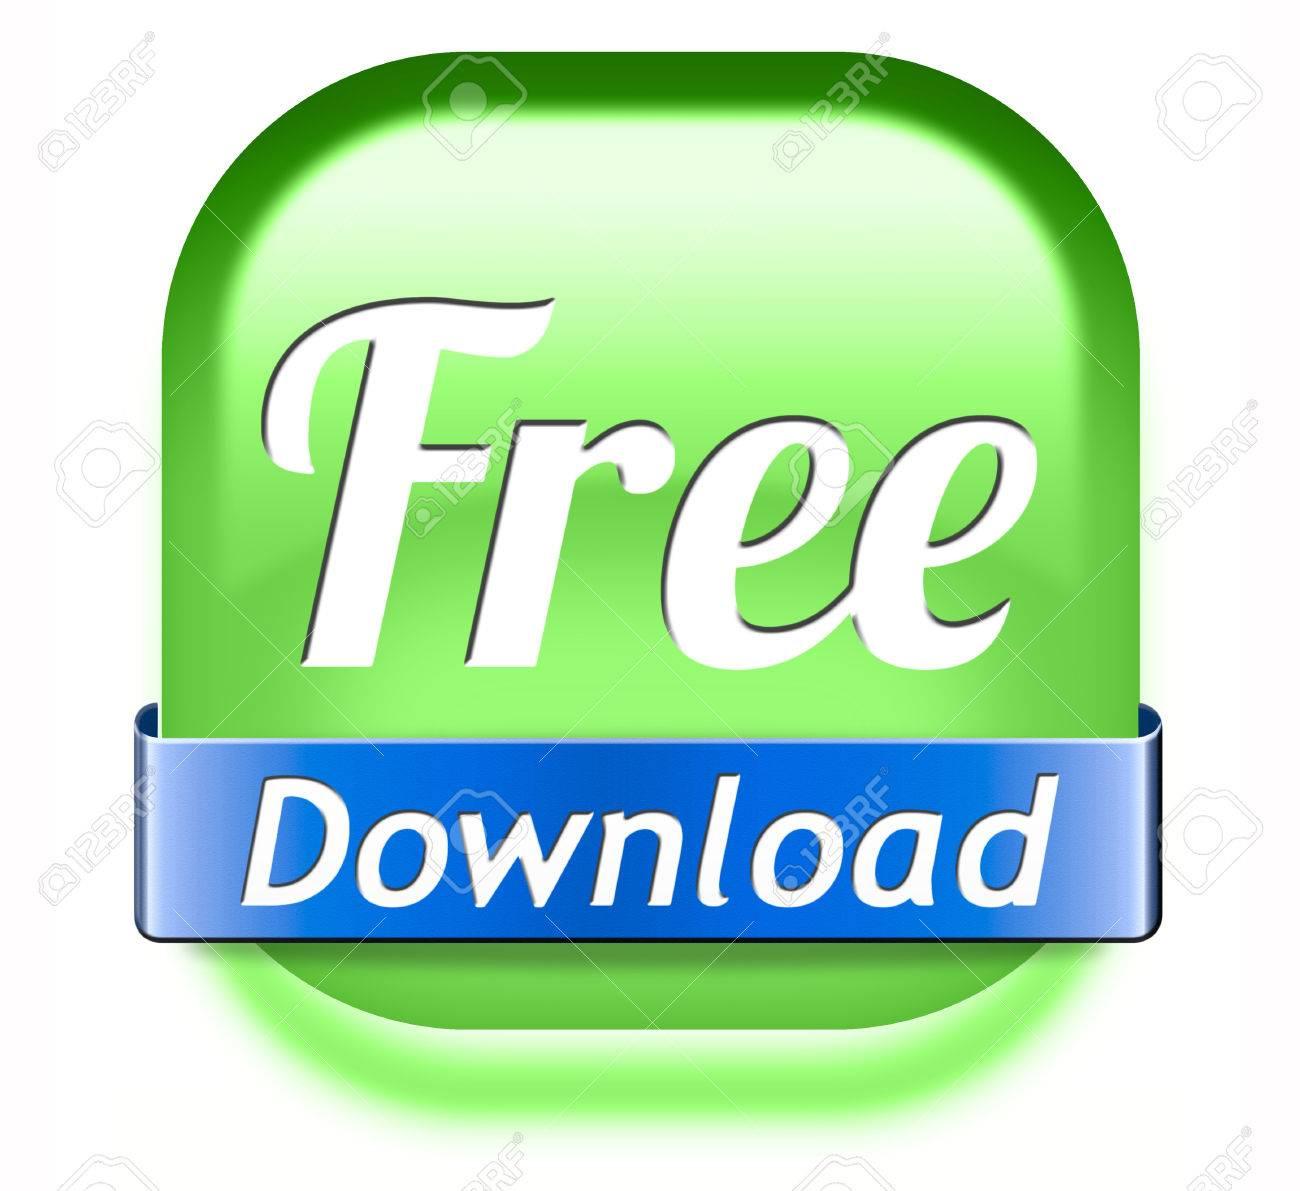 film video telecharger gratuitement